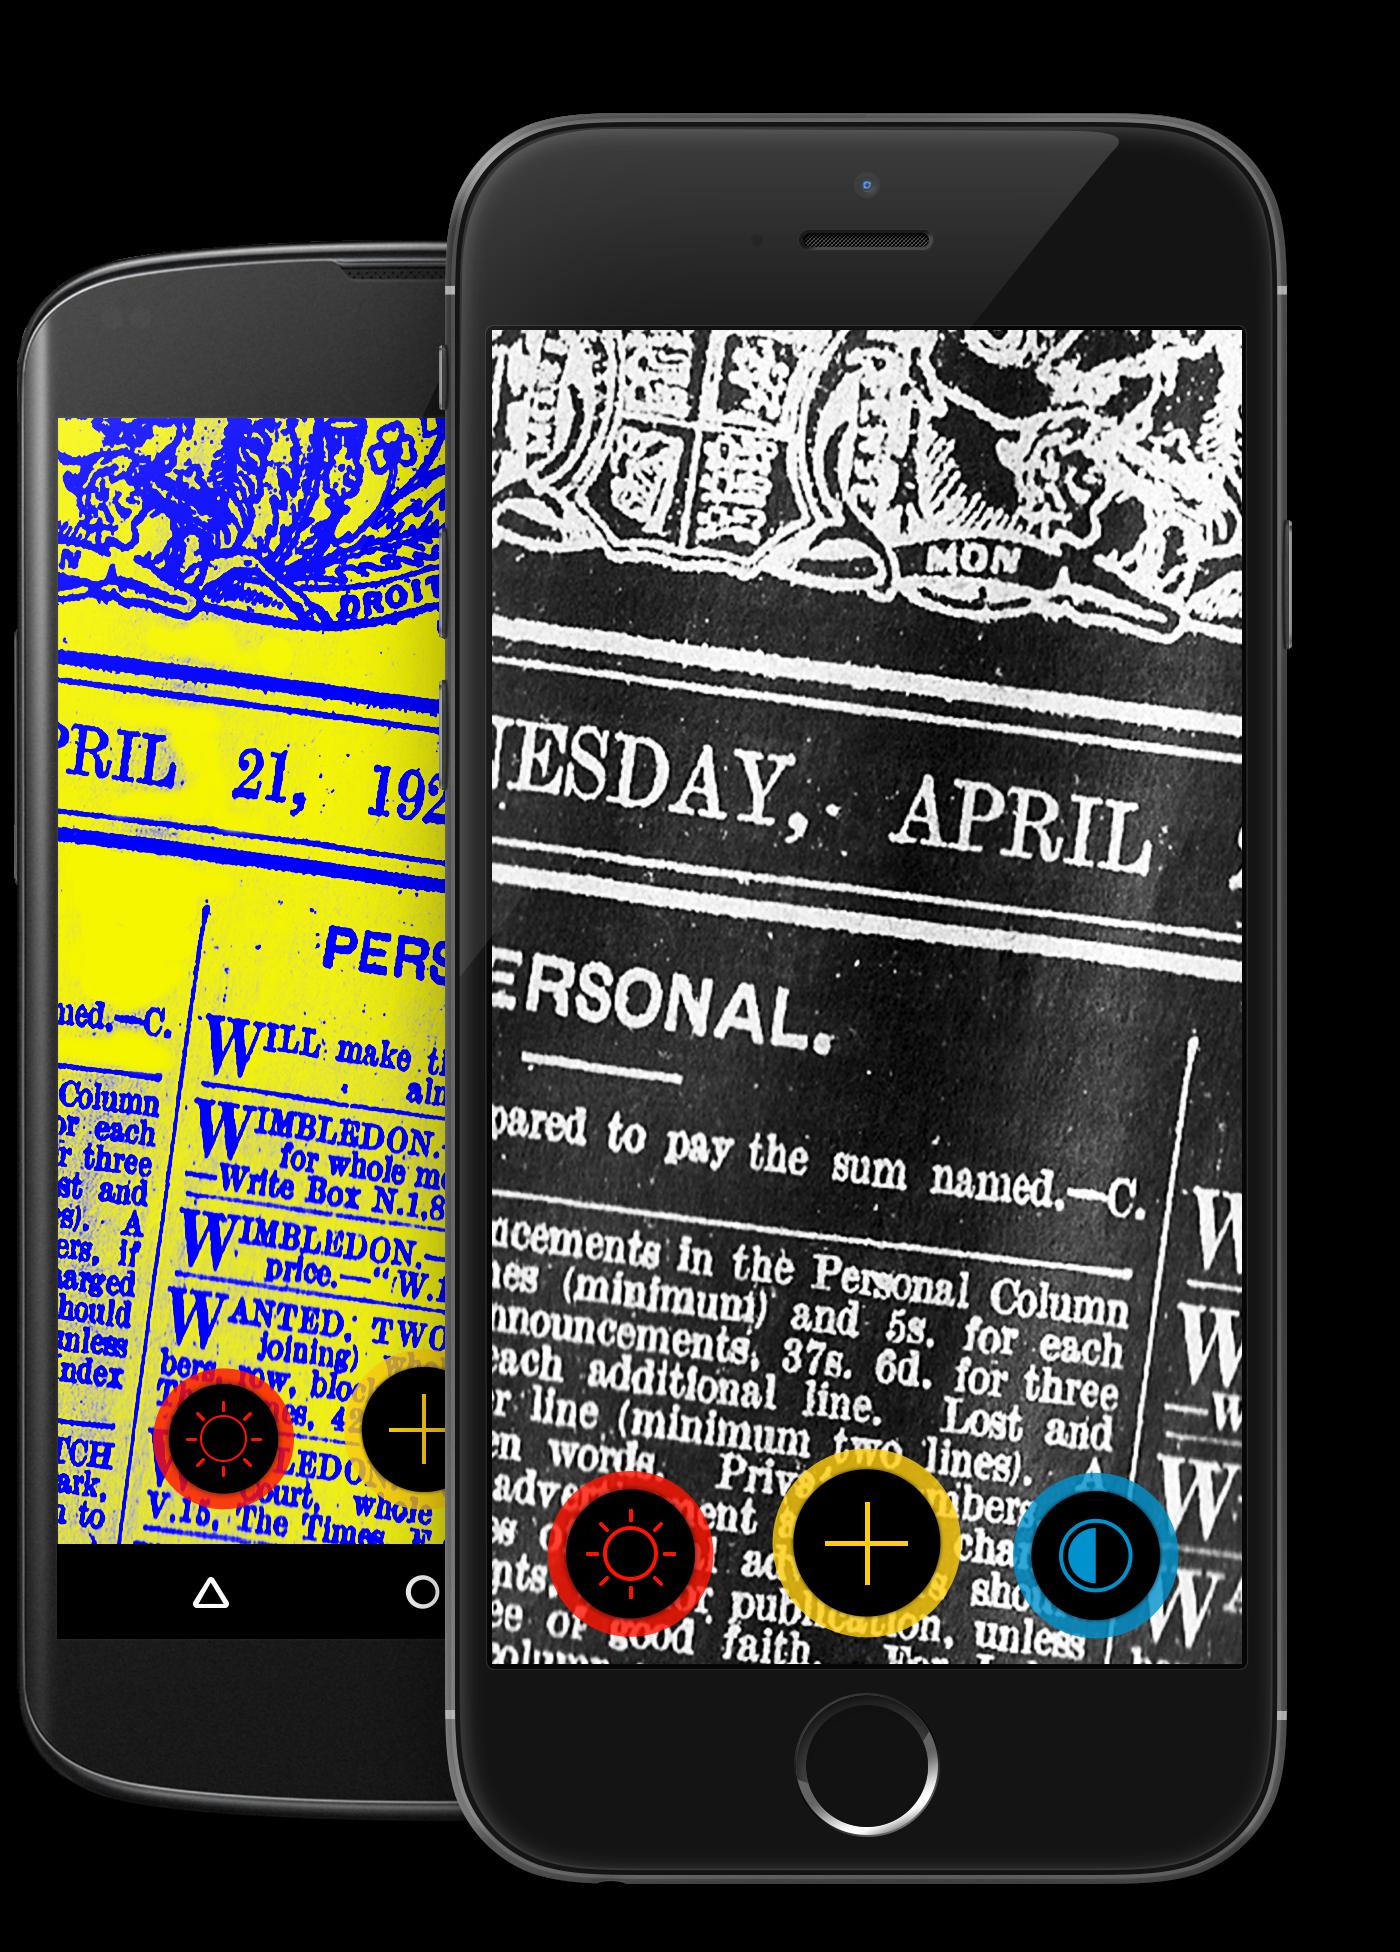 visor magnifier app.png